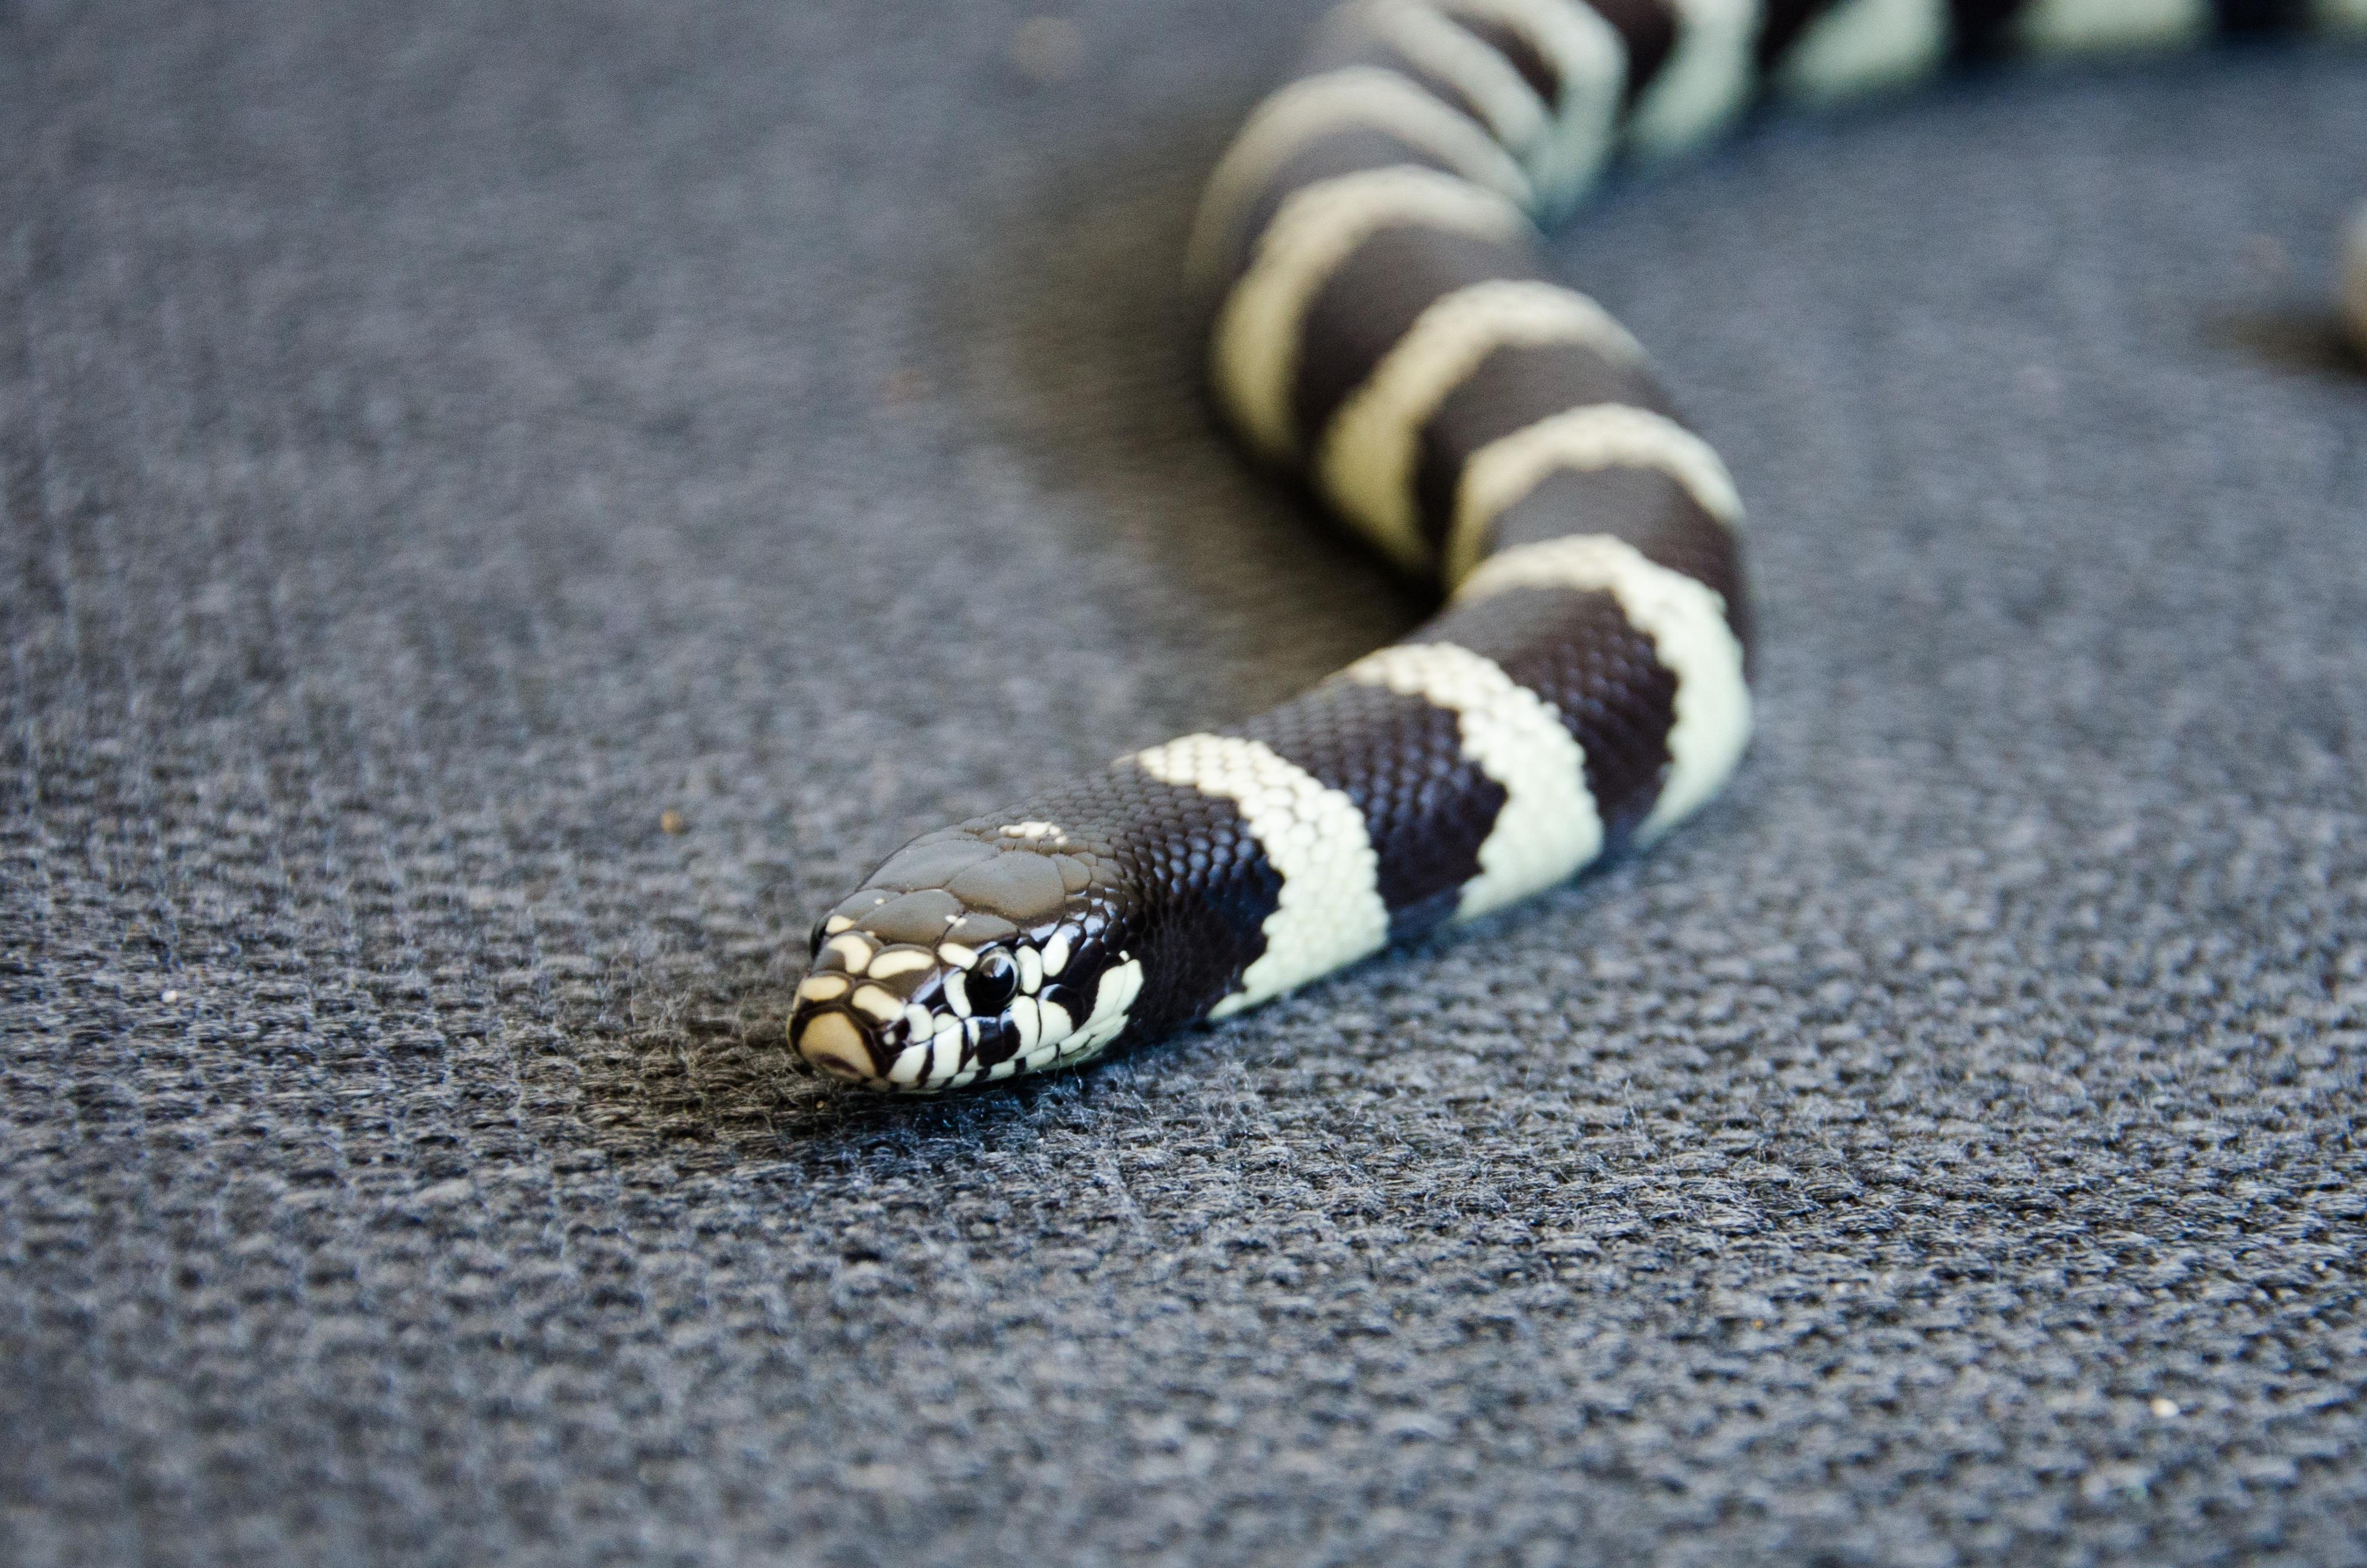 hình ảnh : tay, trắng, thú vật, Động vật hoang dã, màu xanh da trời, Bò sát, đen, California, Động vật, Đóng lên, cái đầu, con rắn, Động vật có xương sống, ...